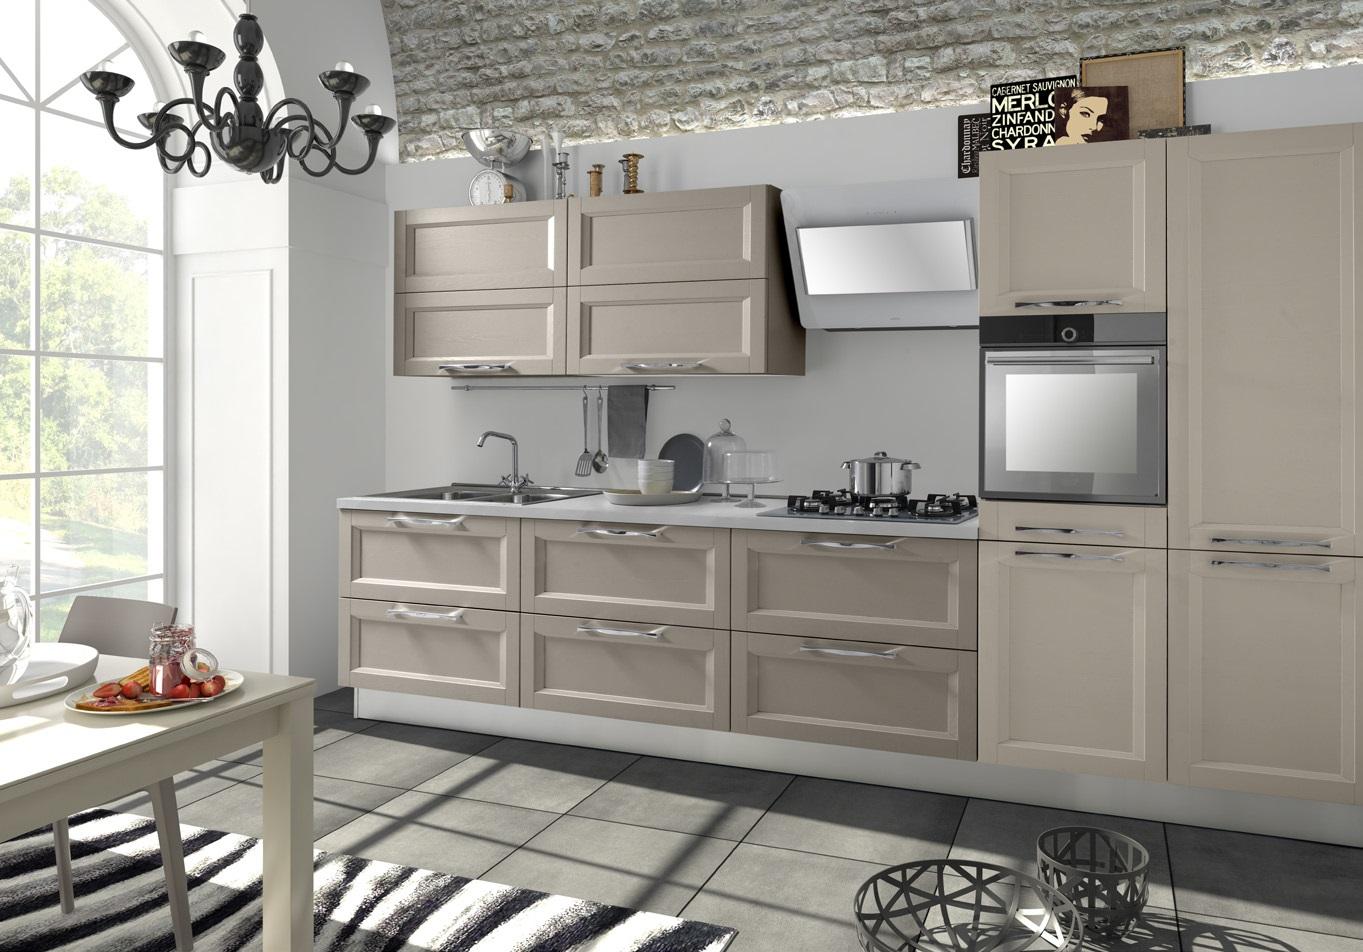 V t b arredamenti cucine moderne - B v cucine poncarale ...